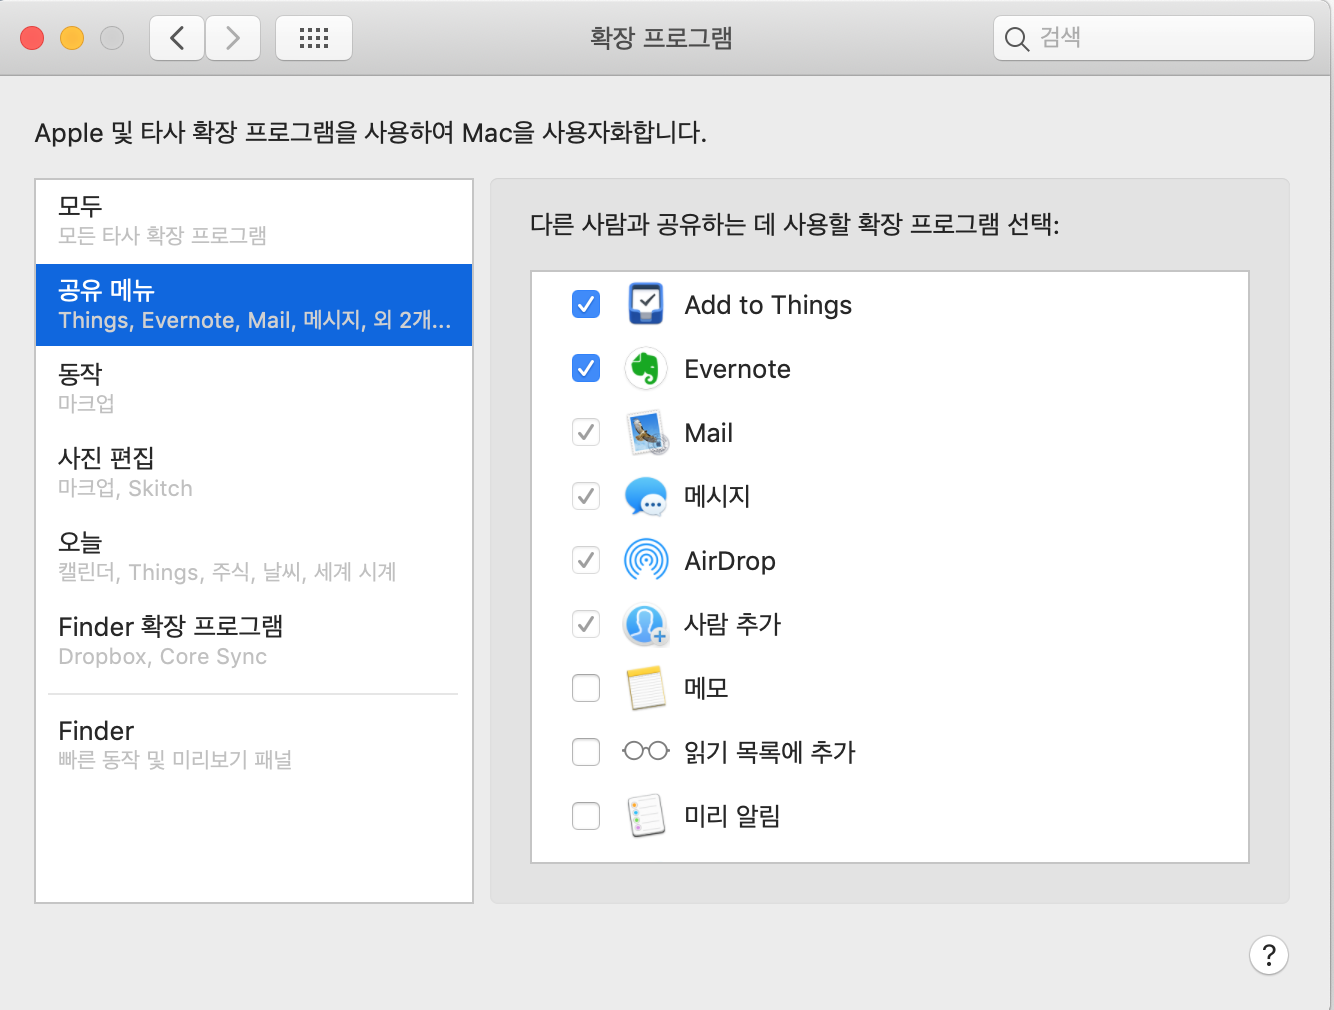 macOS 11.4 모하비 사파리에서 트위터로 공유하기